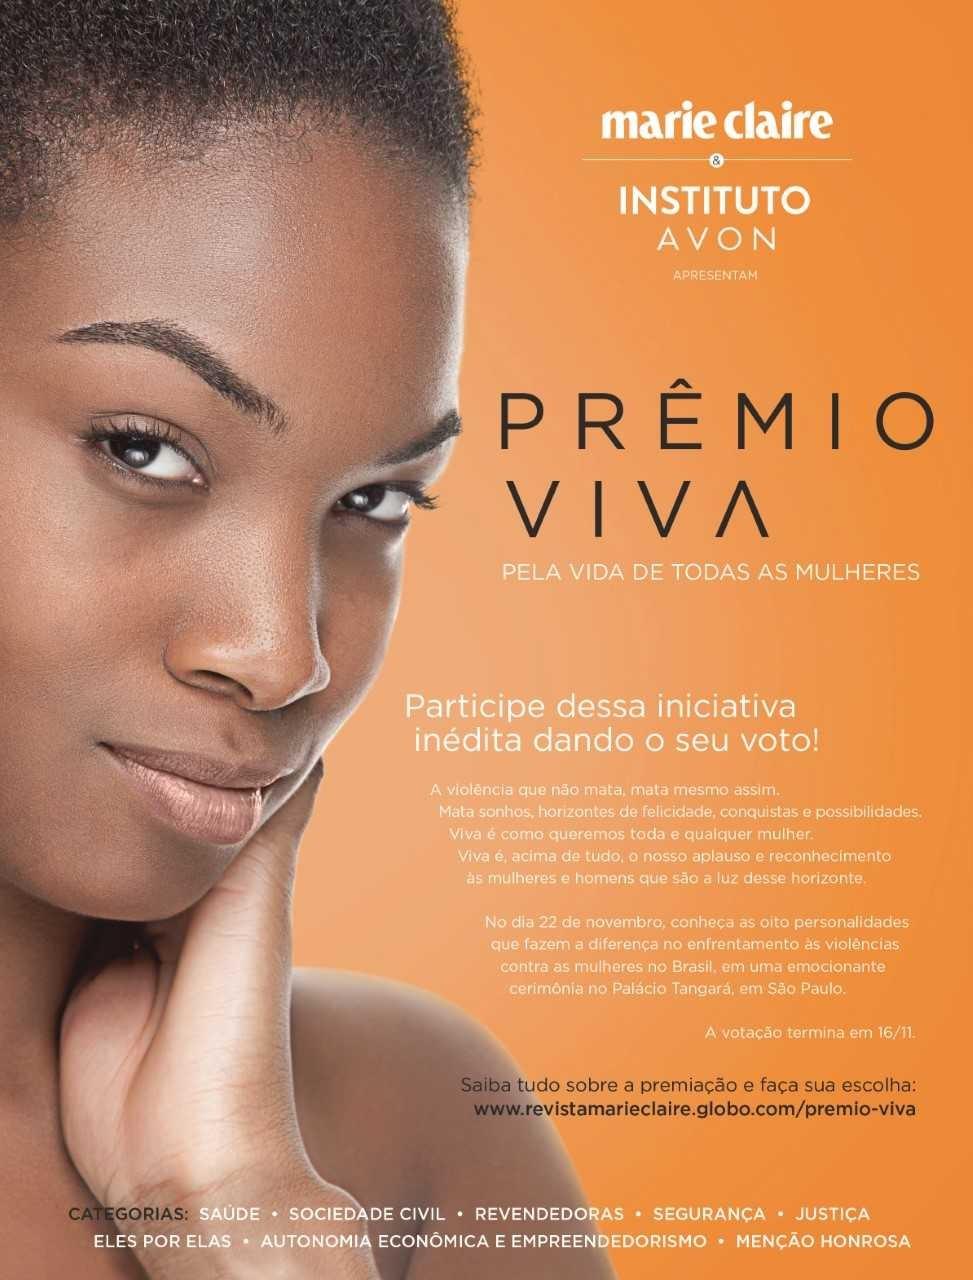 Prêmio Viva (Foto: Marie Claire)